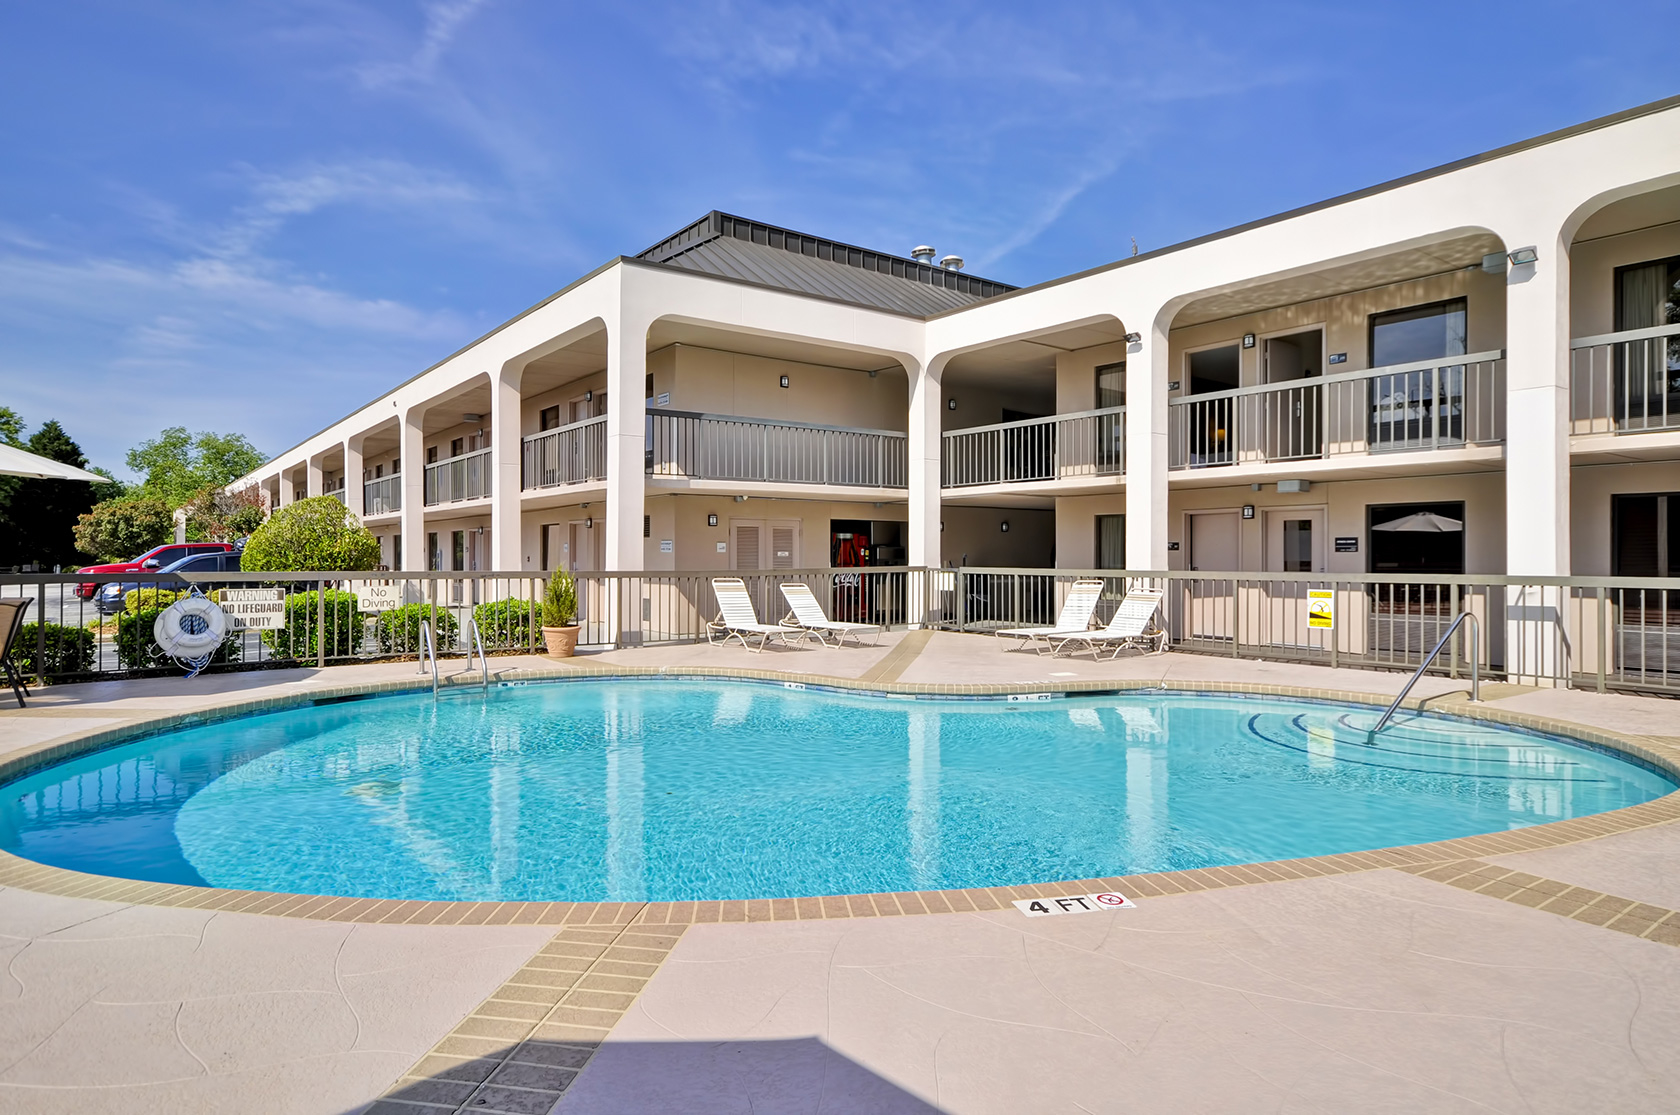 Red Lion Inn & Suites Fayetteville I-95 image 11